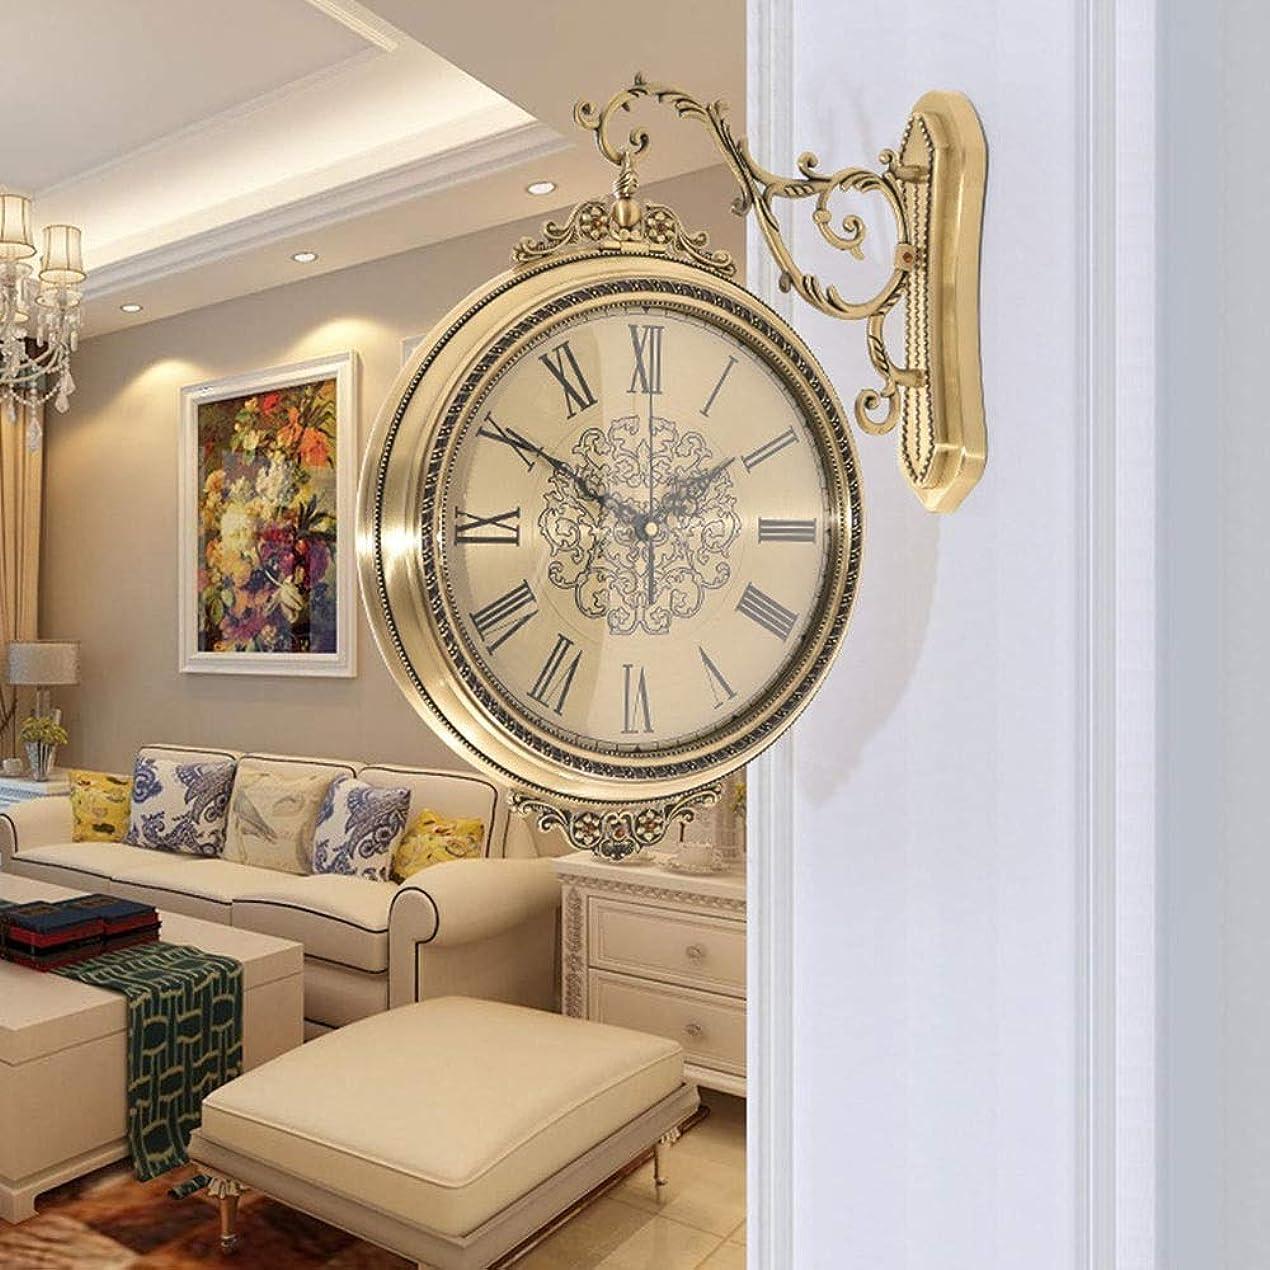 非アクティブ欠陥確立ウォールクロック - ヨーロッパの創造的な両面/ 360度回転ミュートクォーツ時計、ガラス/金属、ホテルのリビングルーム、オフィスの廊下、サイズ14.1x16.5in よくできた